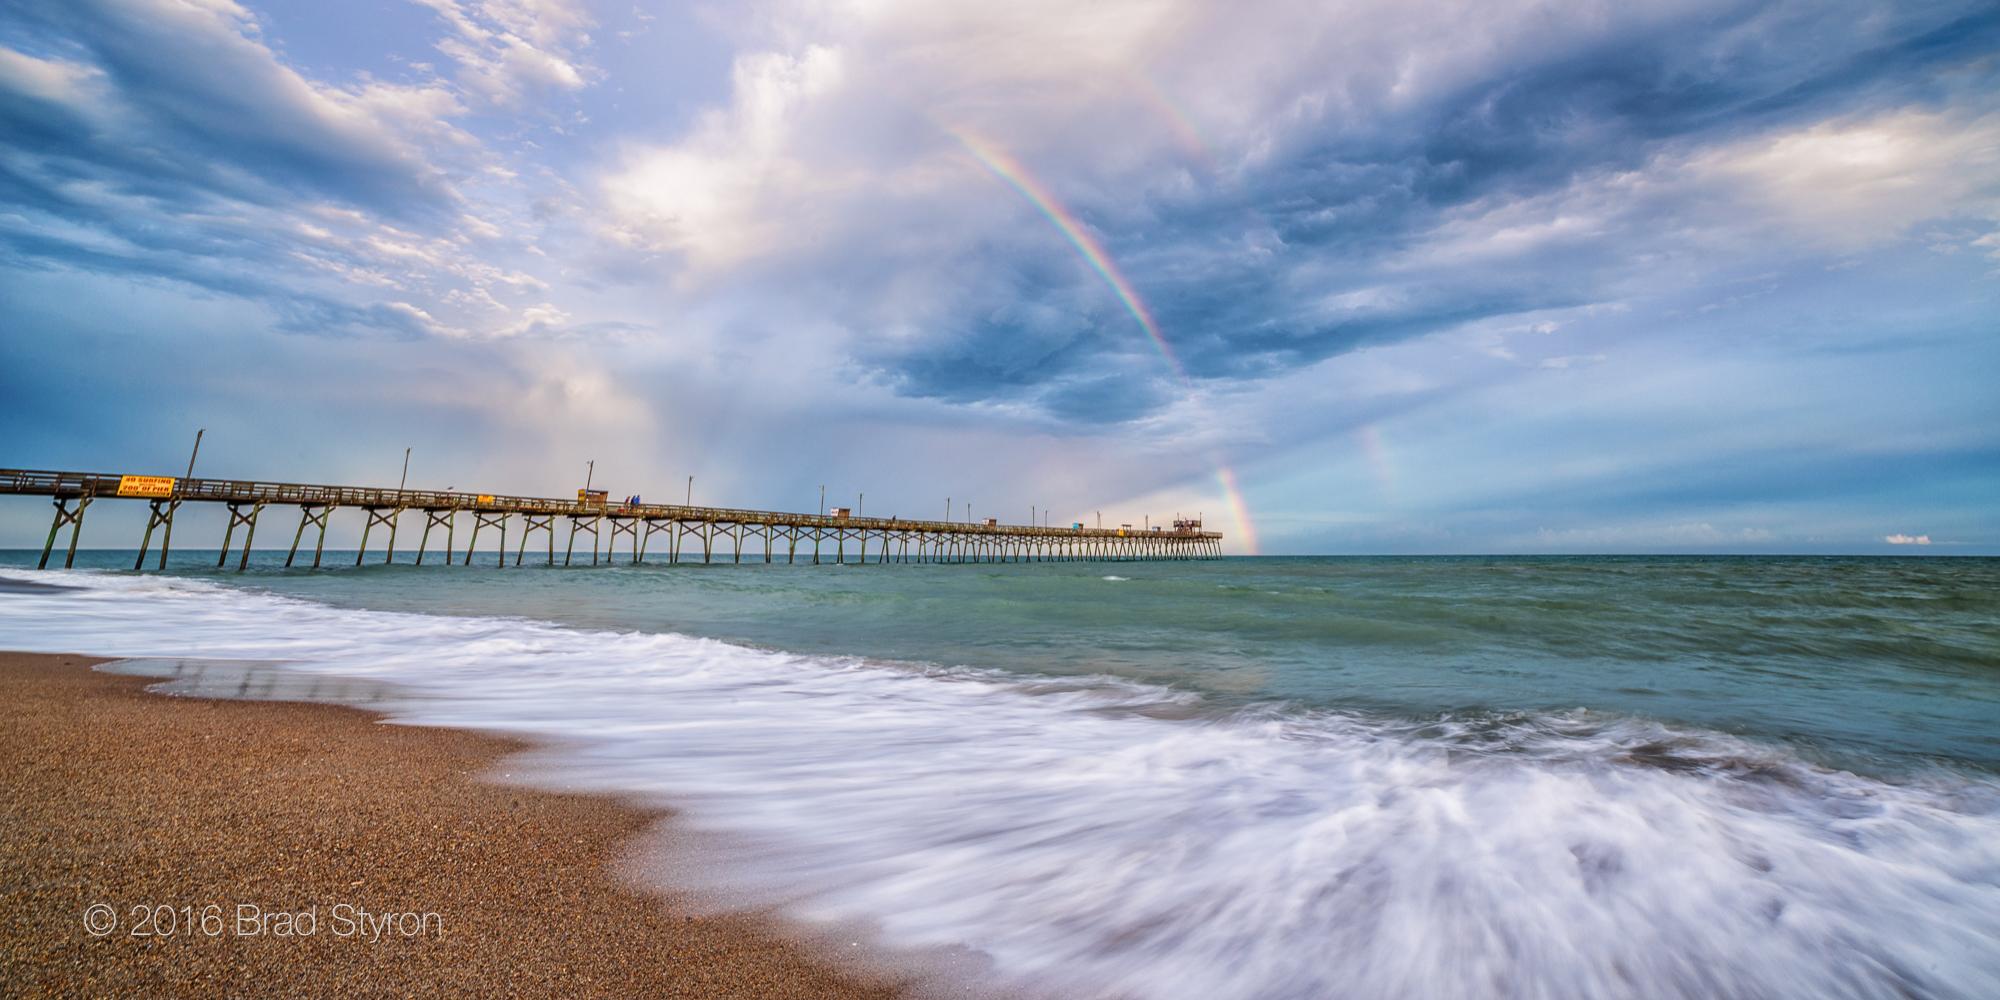 <div class='title'>           rainbow-over-bogue-pier-xurusq         </div>